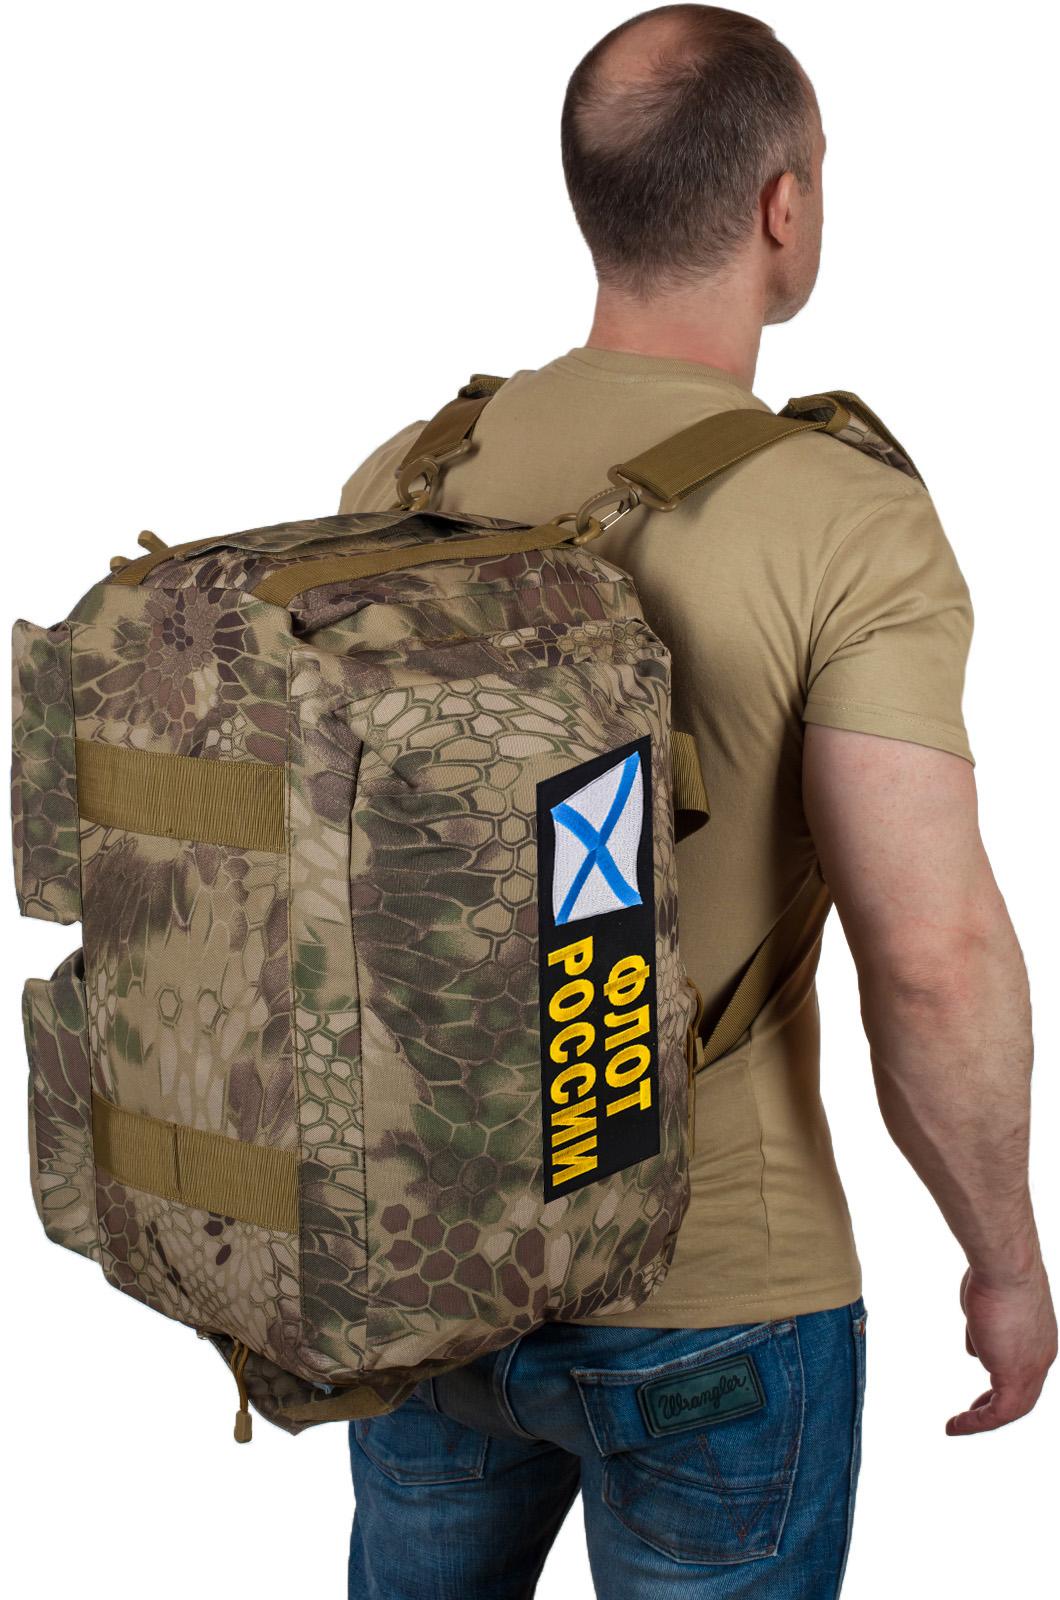 Купить походную армейскую сумку Флот России оптом или в розницу